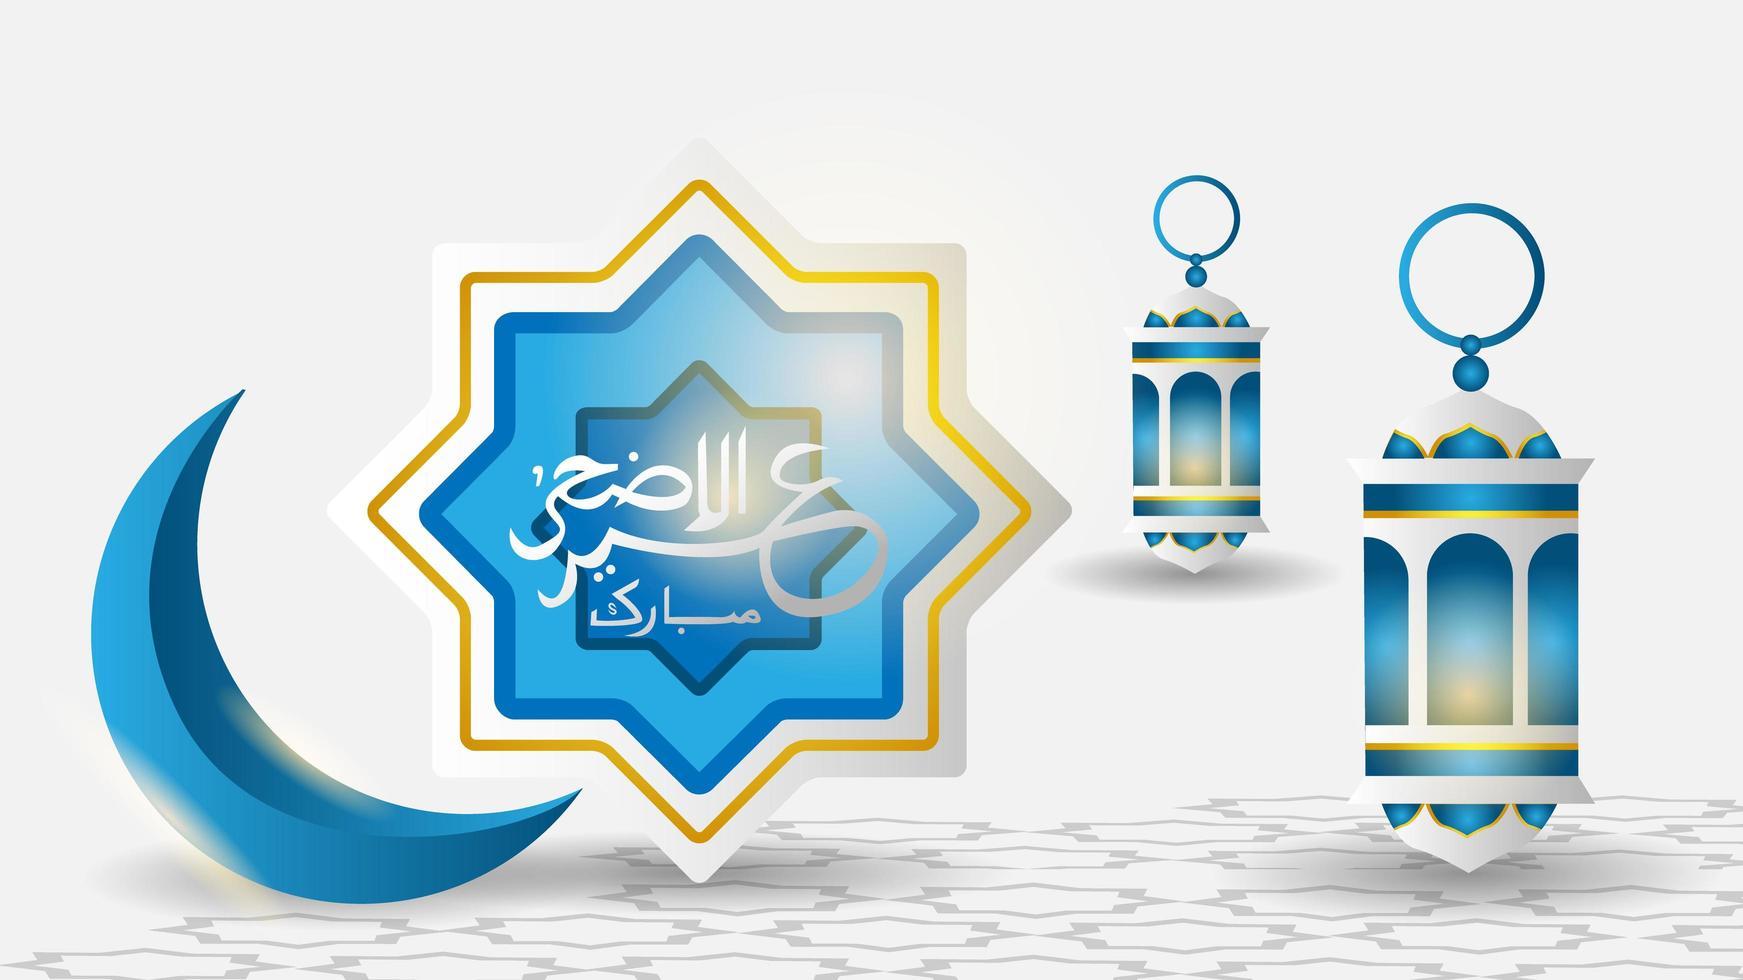 3d lanterns and moon design for eid al adha download free vectors clipart graphics vector art 3d lanterns and moon design for eid al